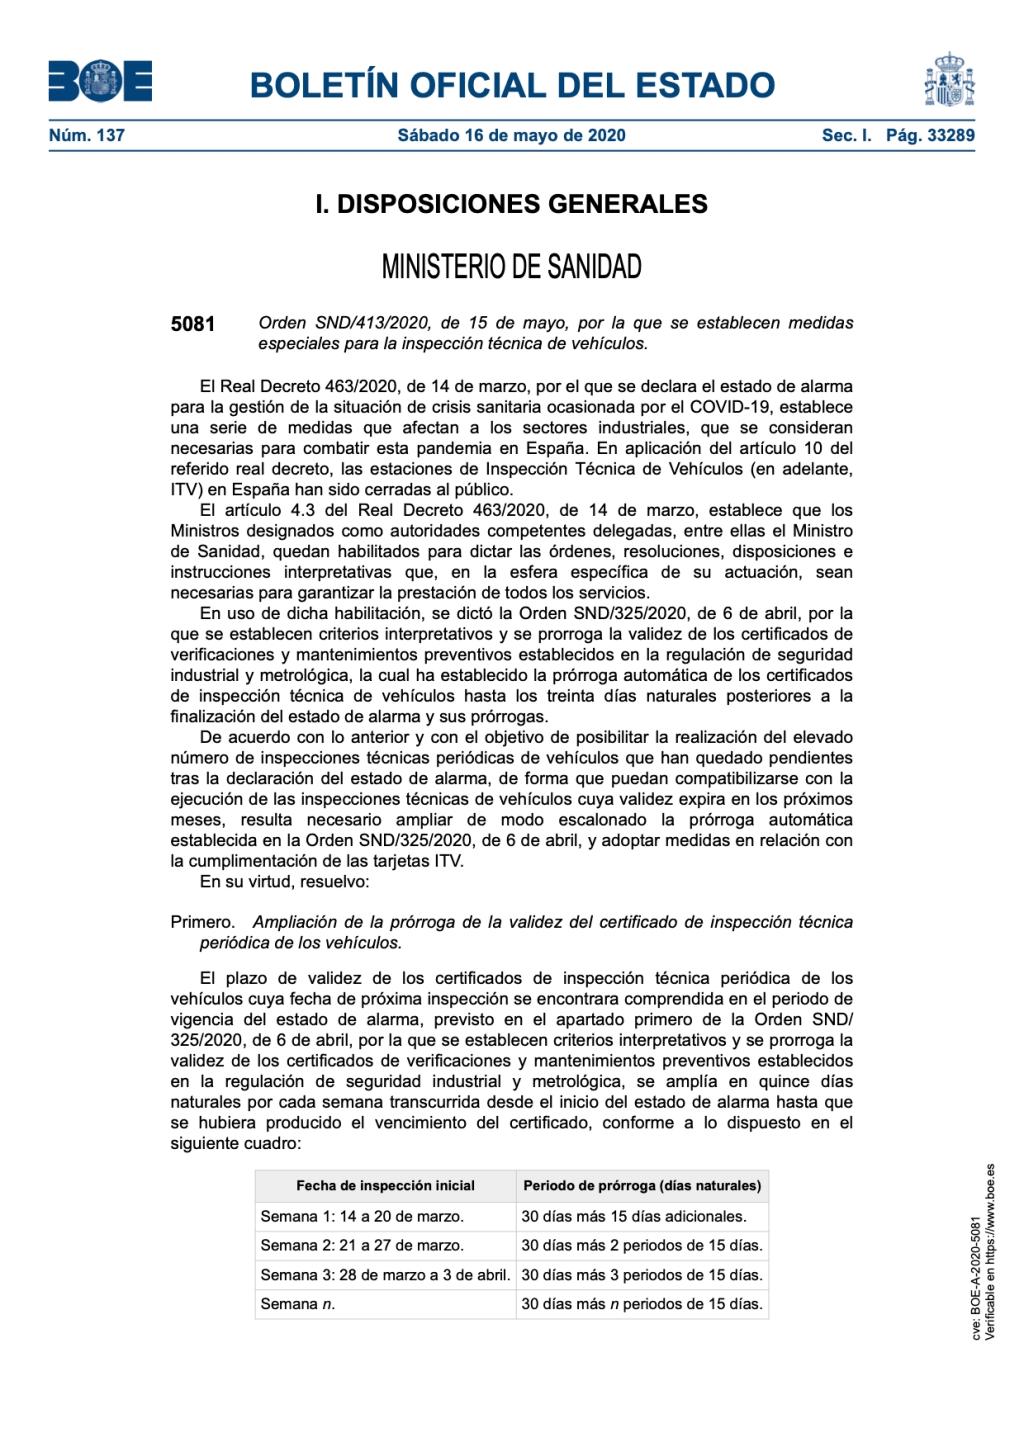 Orden SND/413/2020, de 15 de mayo, por la que se establecen medidas especiales para la inspección técnica de vehículos.